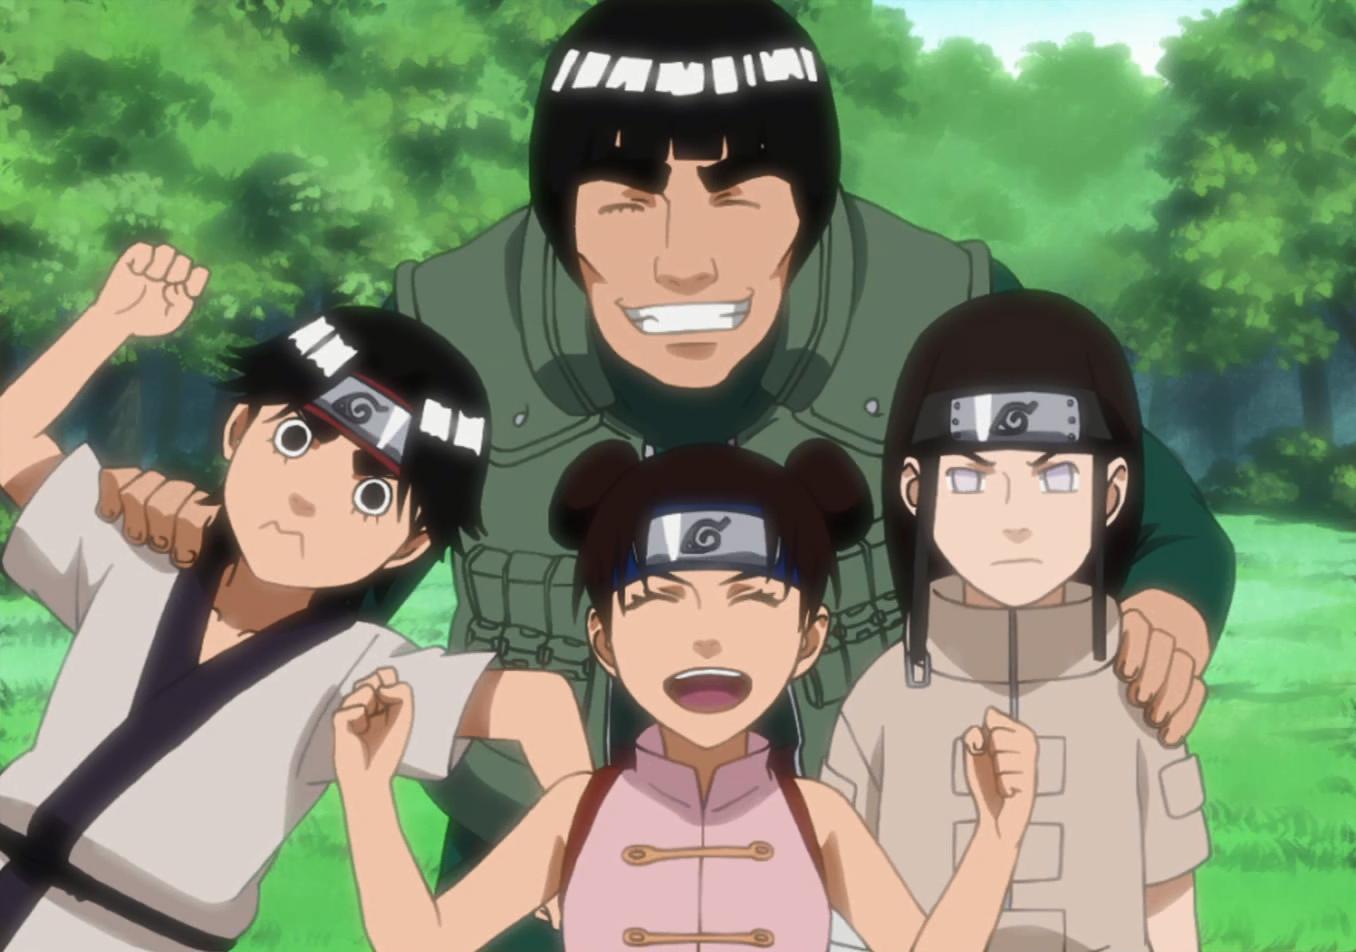 Naruto OC Team by Hanesihiko on DeviantArt